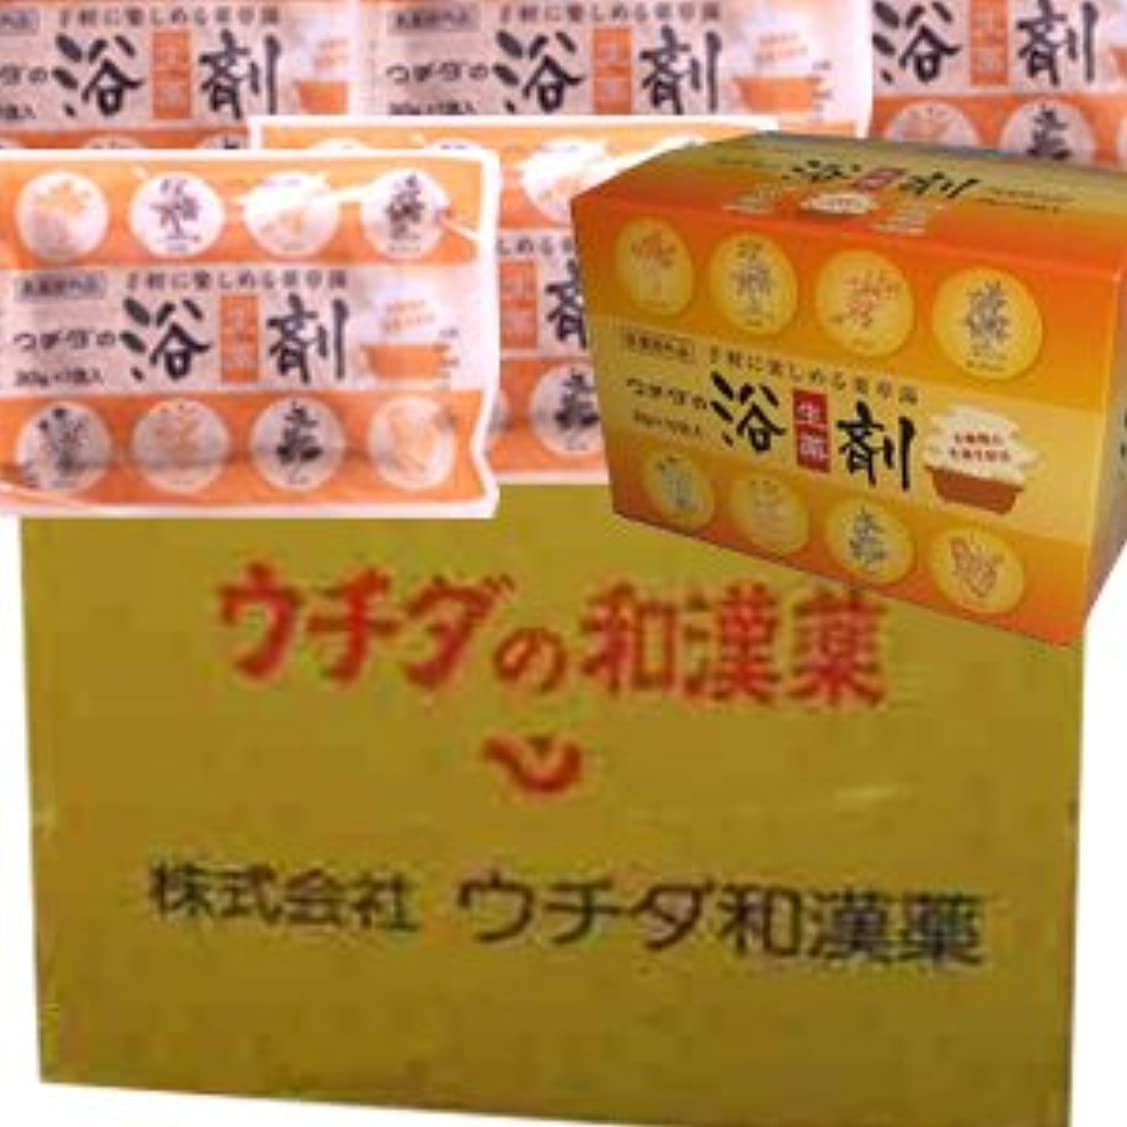 ペースト裏切りディレクトリ【12個1ケース】 ウチダの浴剤 30g×10袋入×12個+6袋 (4987359400025)